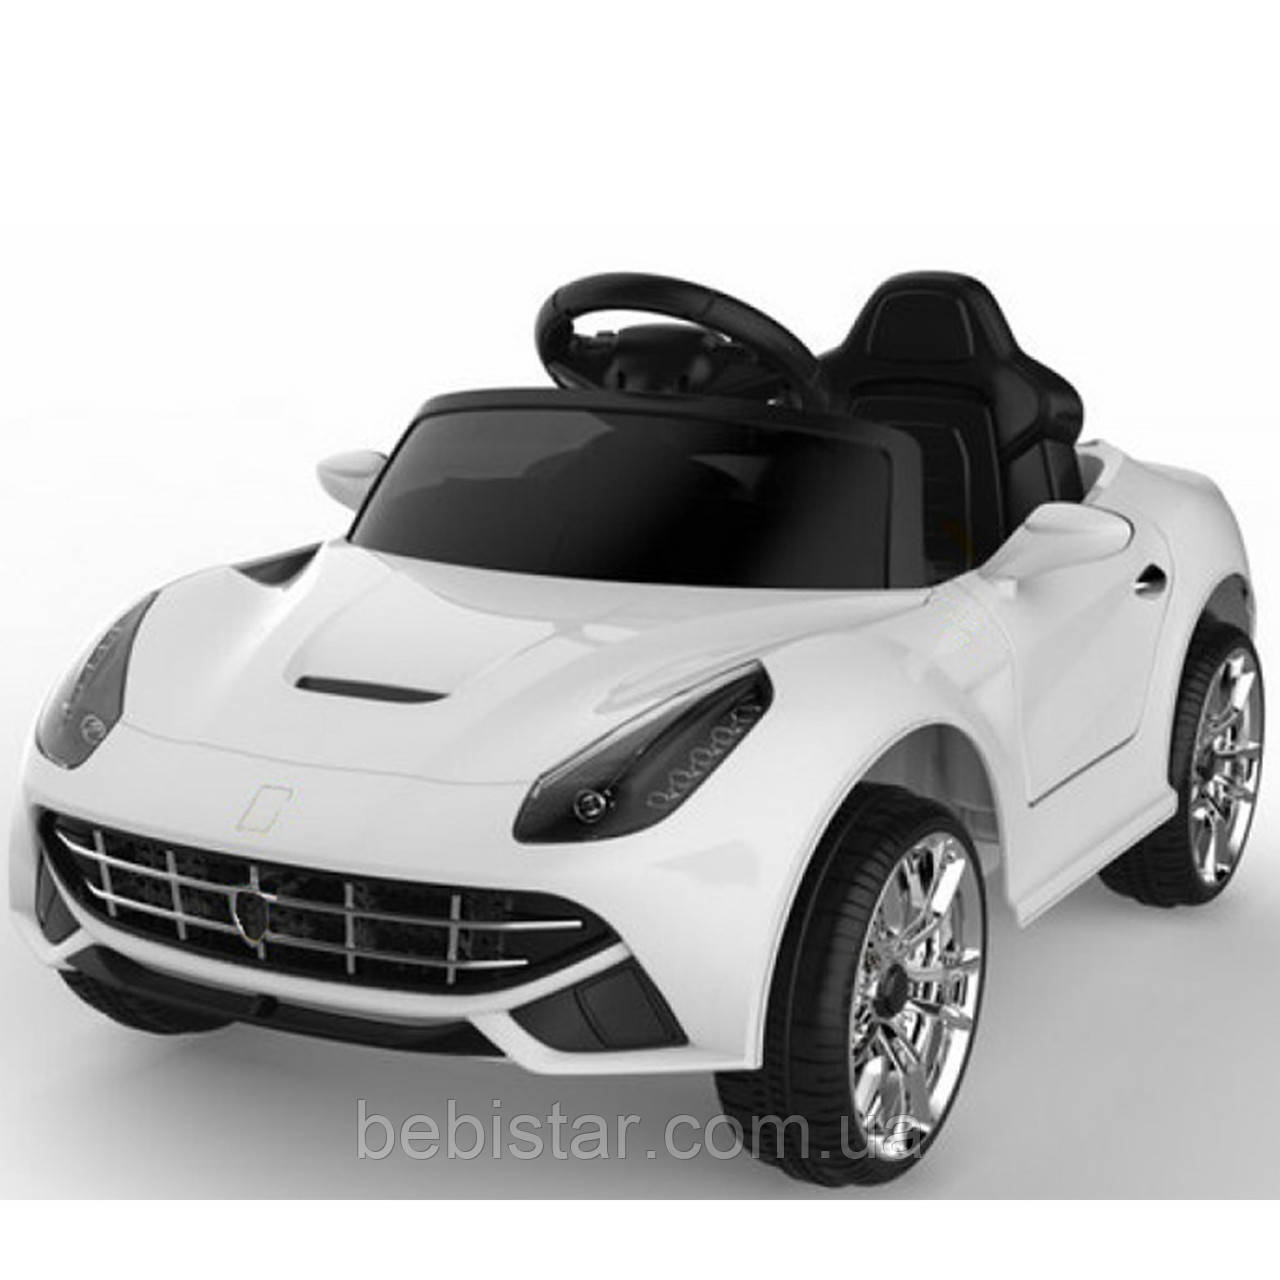 Электромобиль спортивный легковой белый FL1078 на EVA колесах пульт два мотора размер для детей 3-8 лет